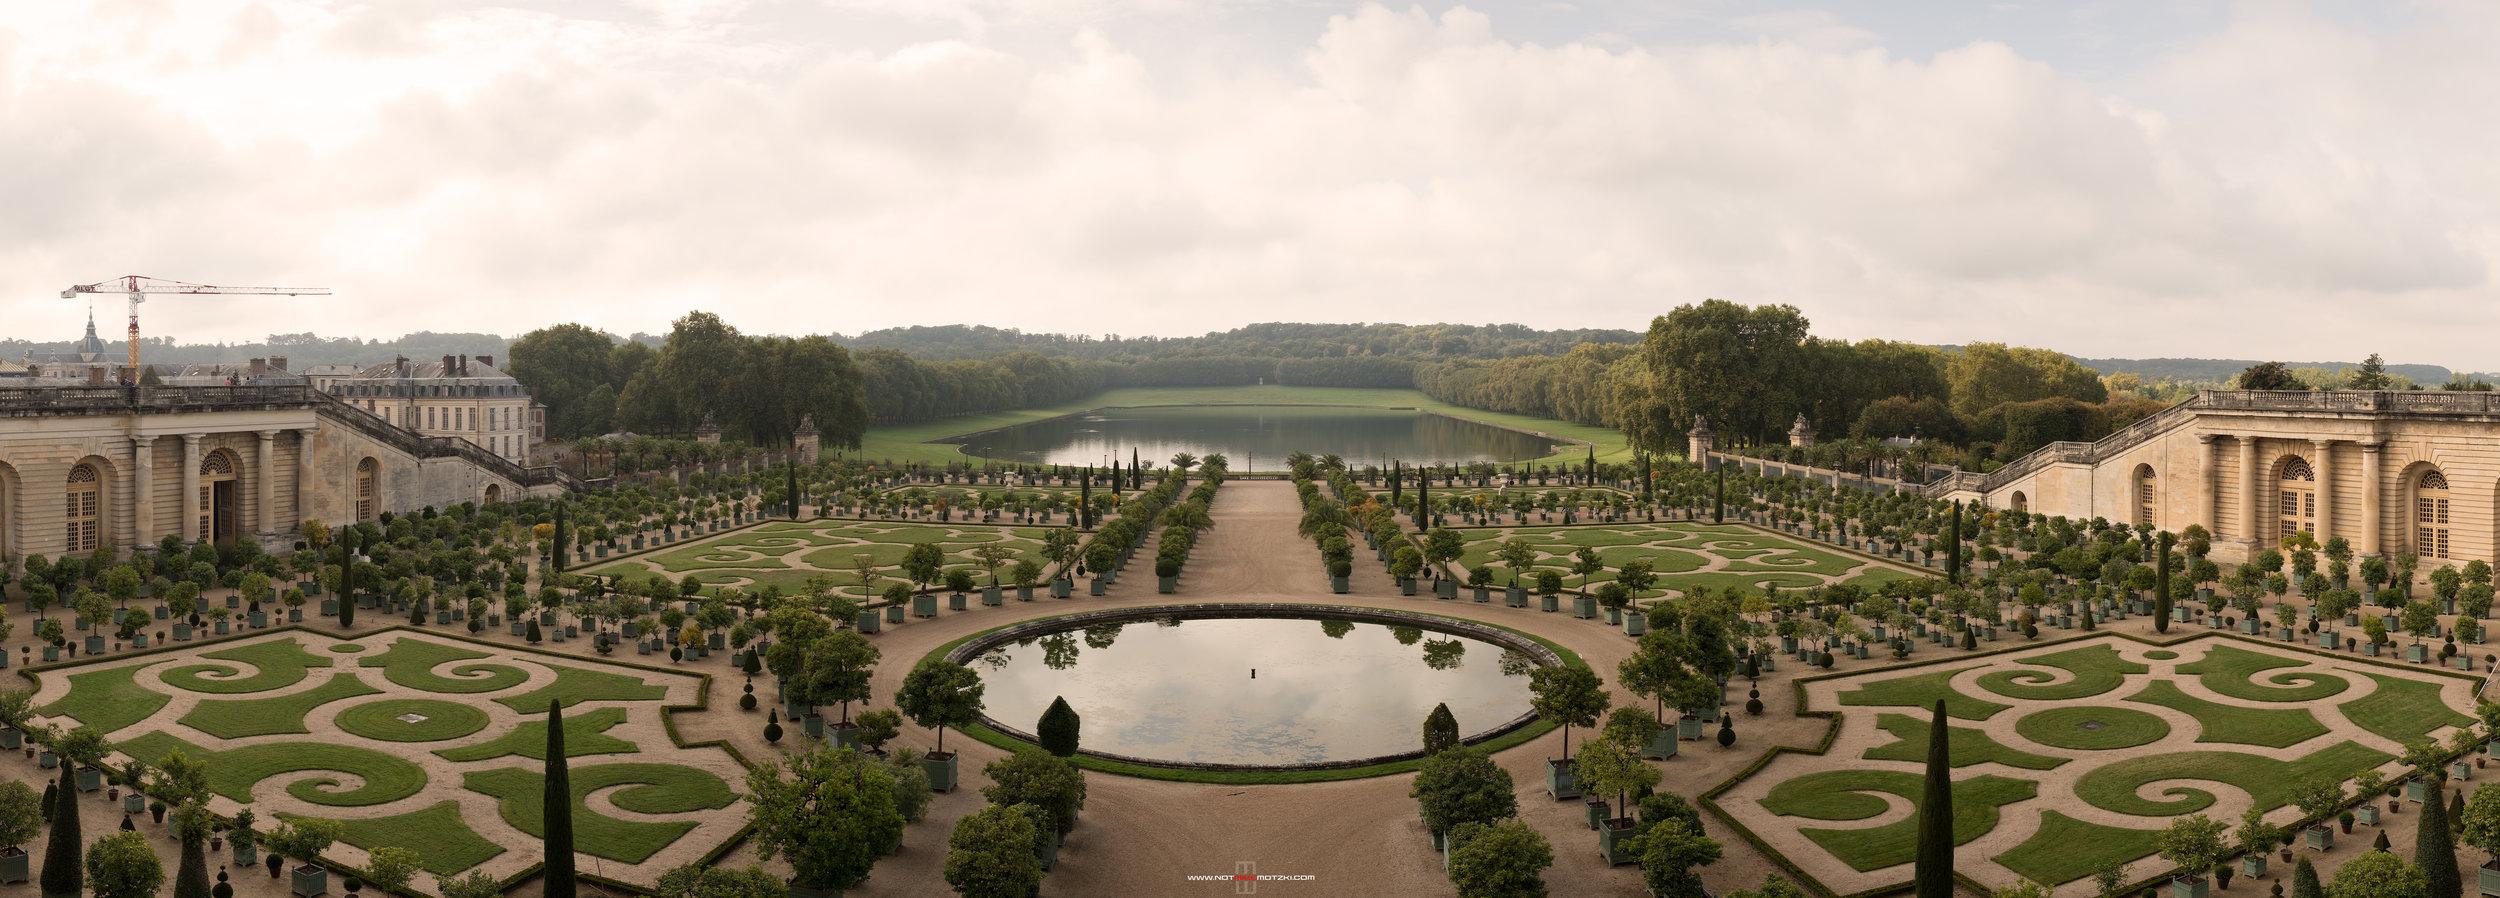 Versailles-Garden.jpg